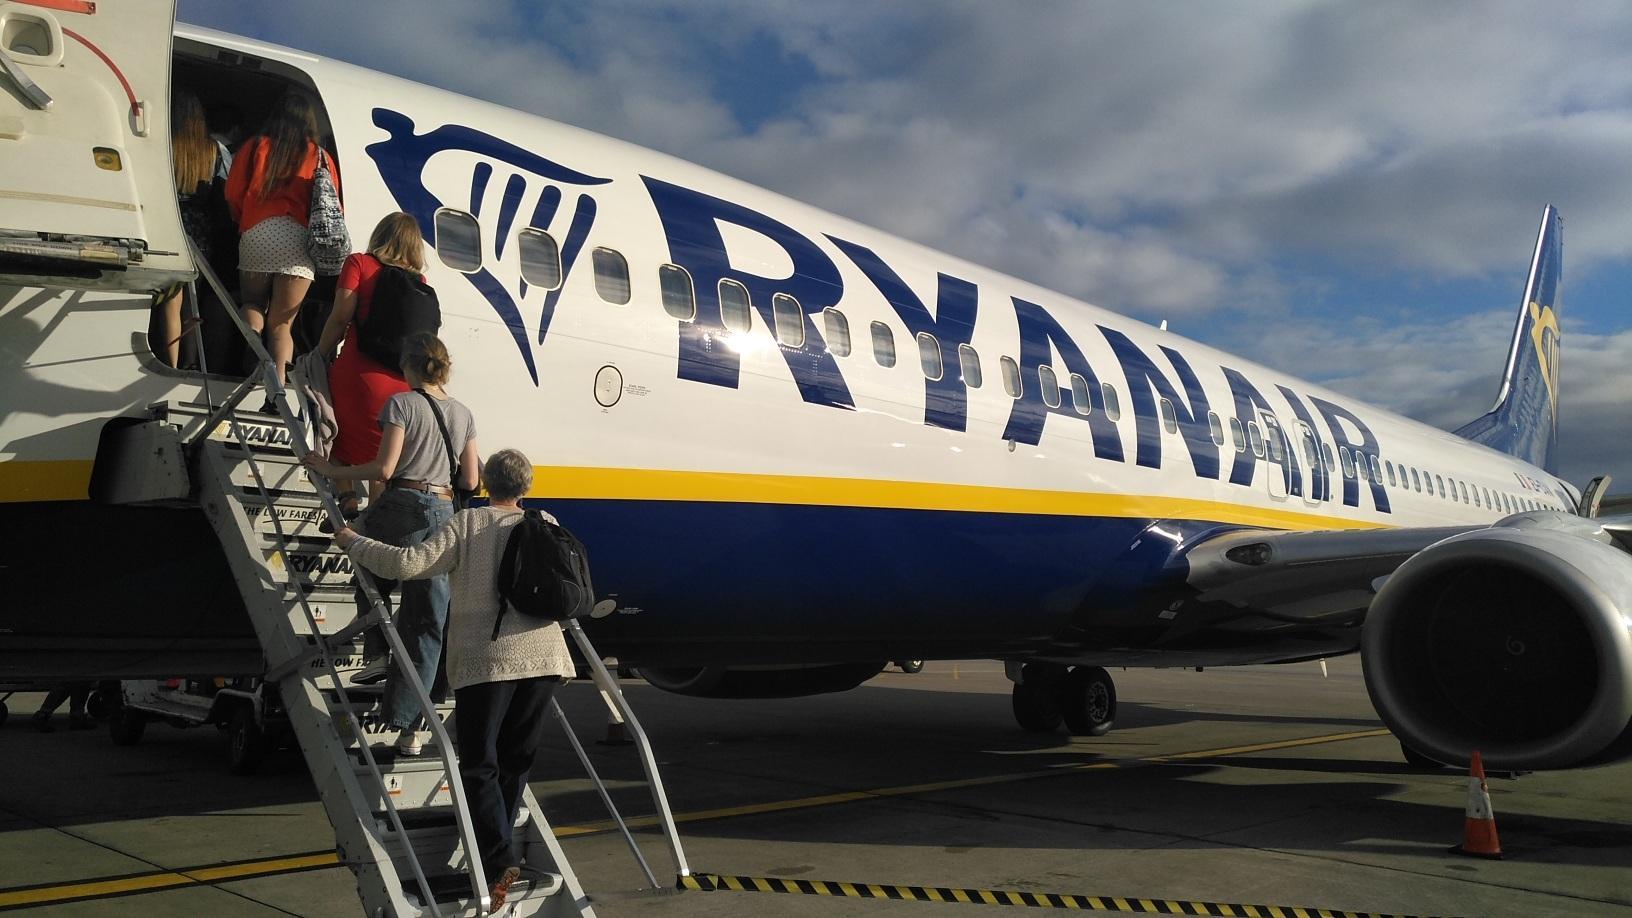 d354356a0 Facua-Consumidores en Acción y la Organización de Consumidores (OCU) se  rebelan en contra de Ryanair por cobrar a partir del próximo mes de  noviembre el ...